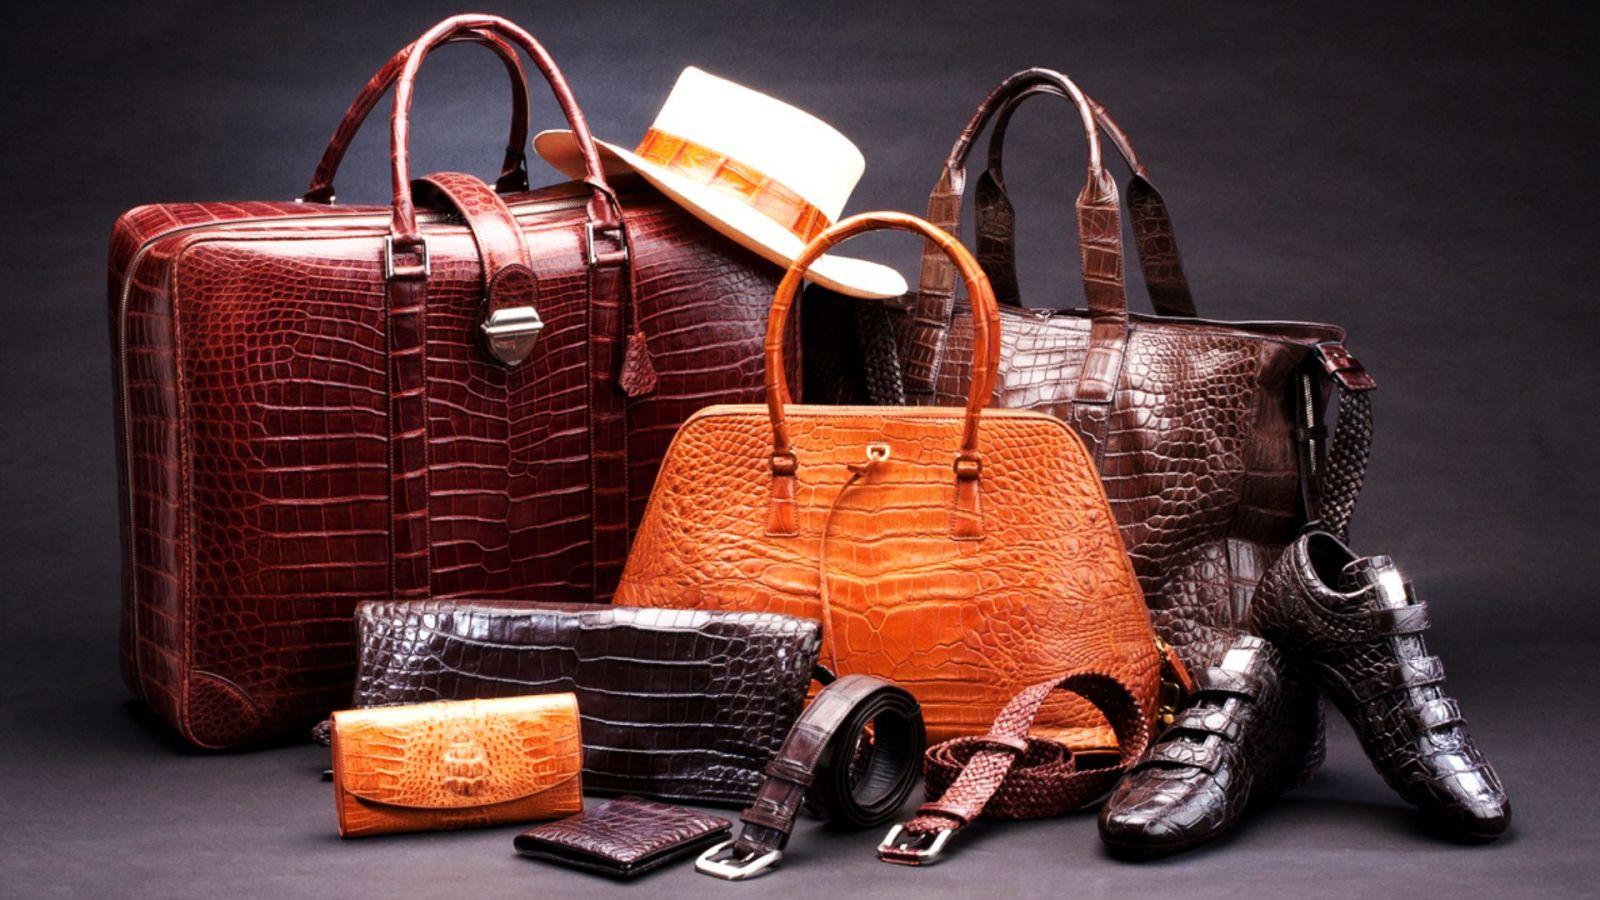 Da Aniline dùng để sản xuất trong may mặc, các món đồ phụ kiện cao cấp, xa xỉ